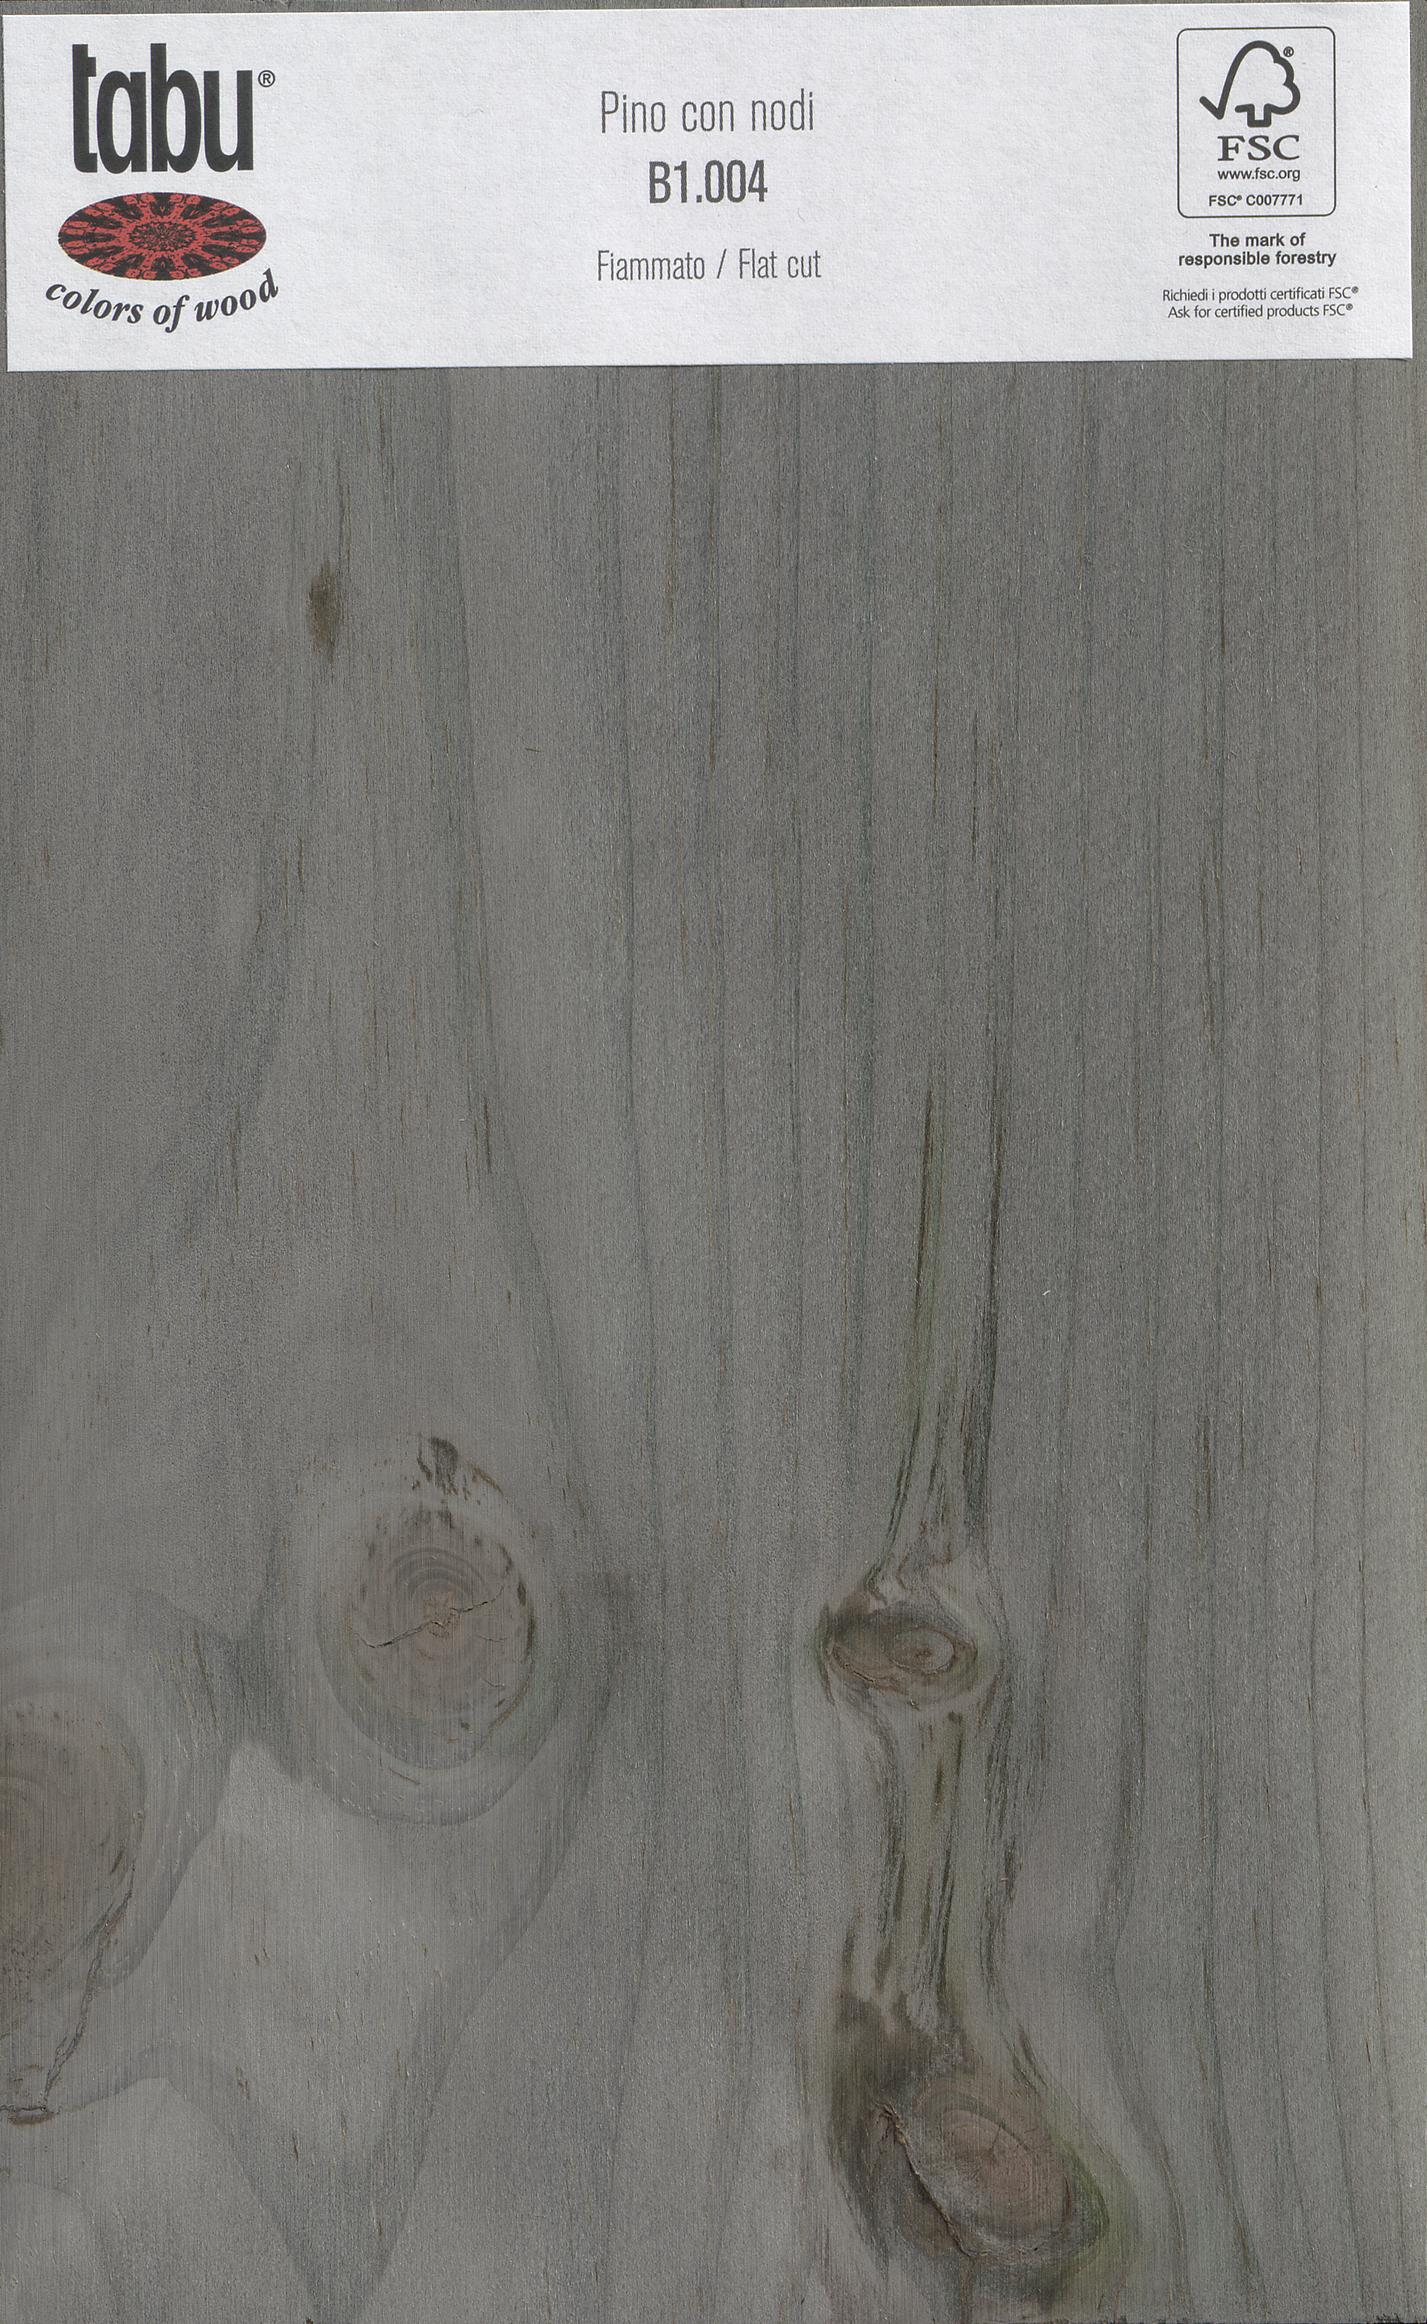 G09-(300dpi)(20181031)